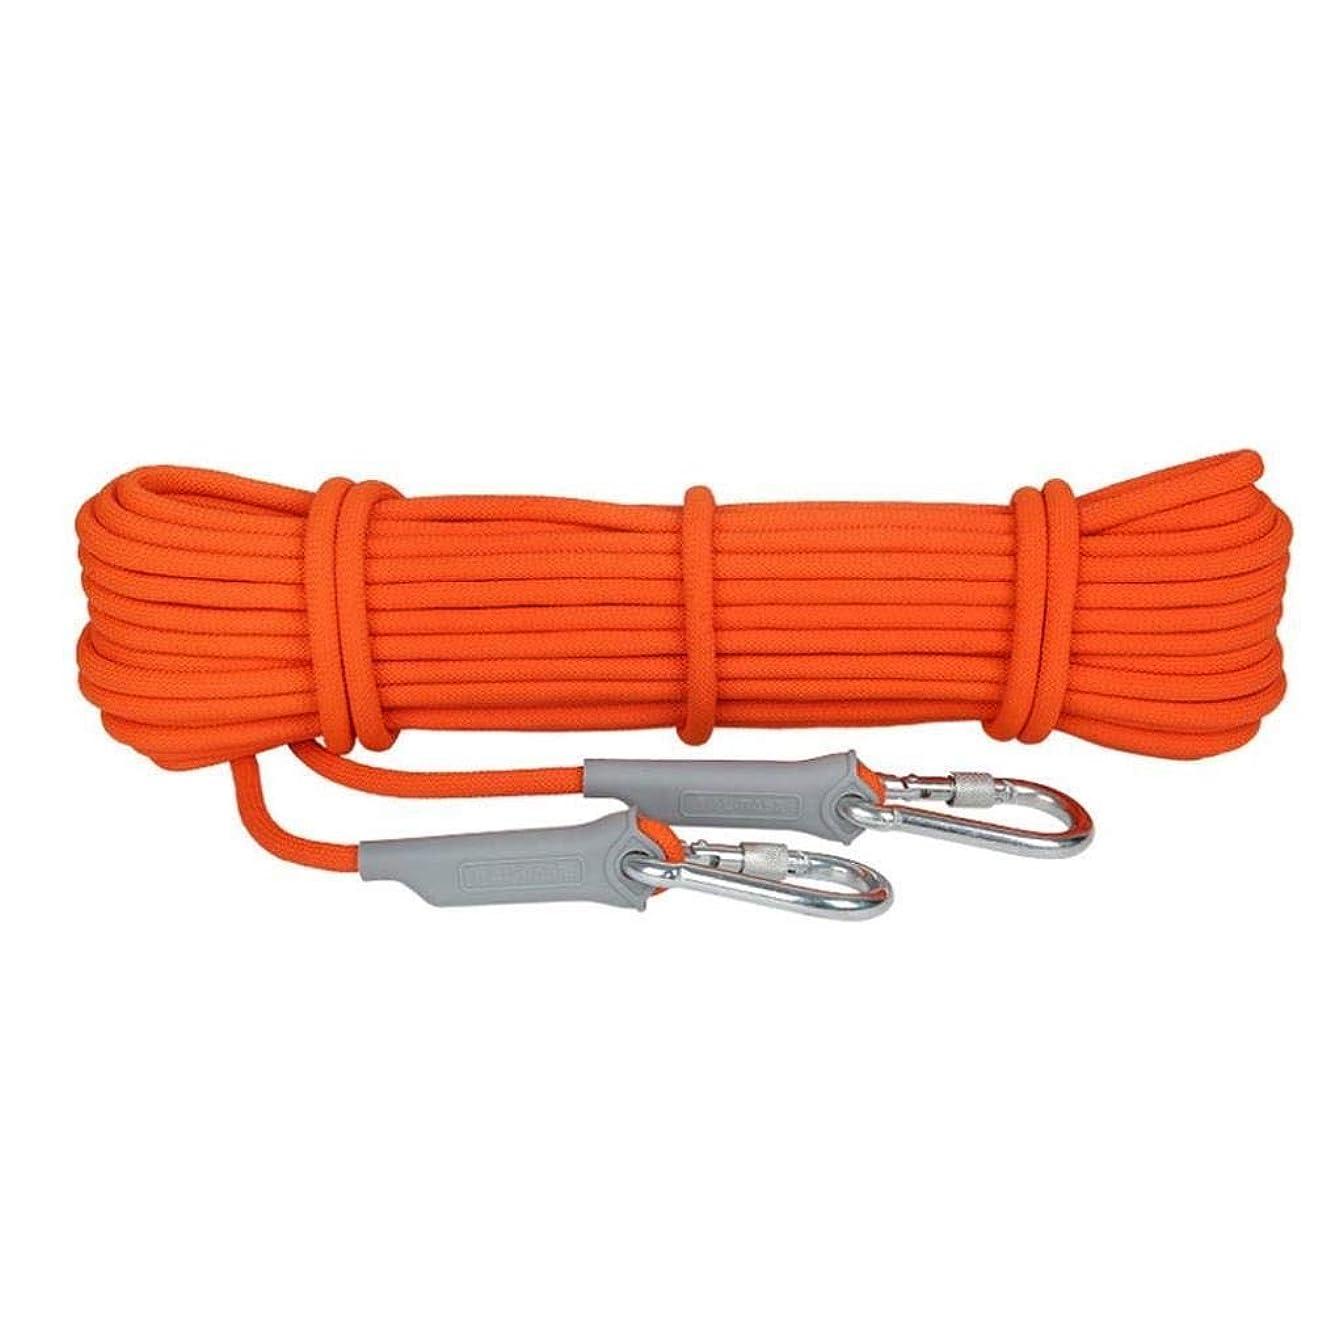 災害メロディアス信じられない登山ロープの家の火の緊急脱出ロープ、ハイキングの洞窟探検のキャンプの救助調査および工学保護のための多機能のコードの安全ロープ。 (Color : 8.5mm, Size : 15m)